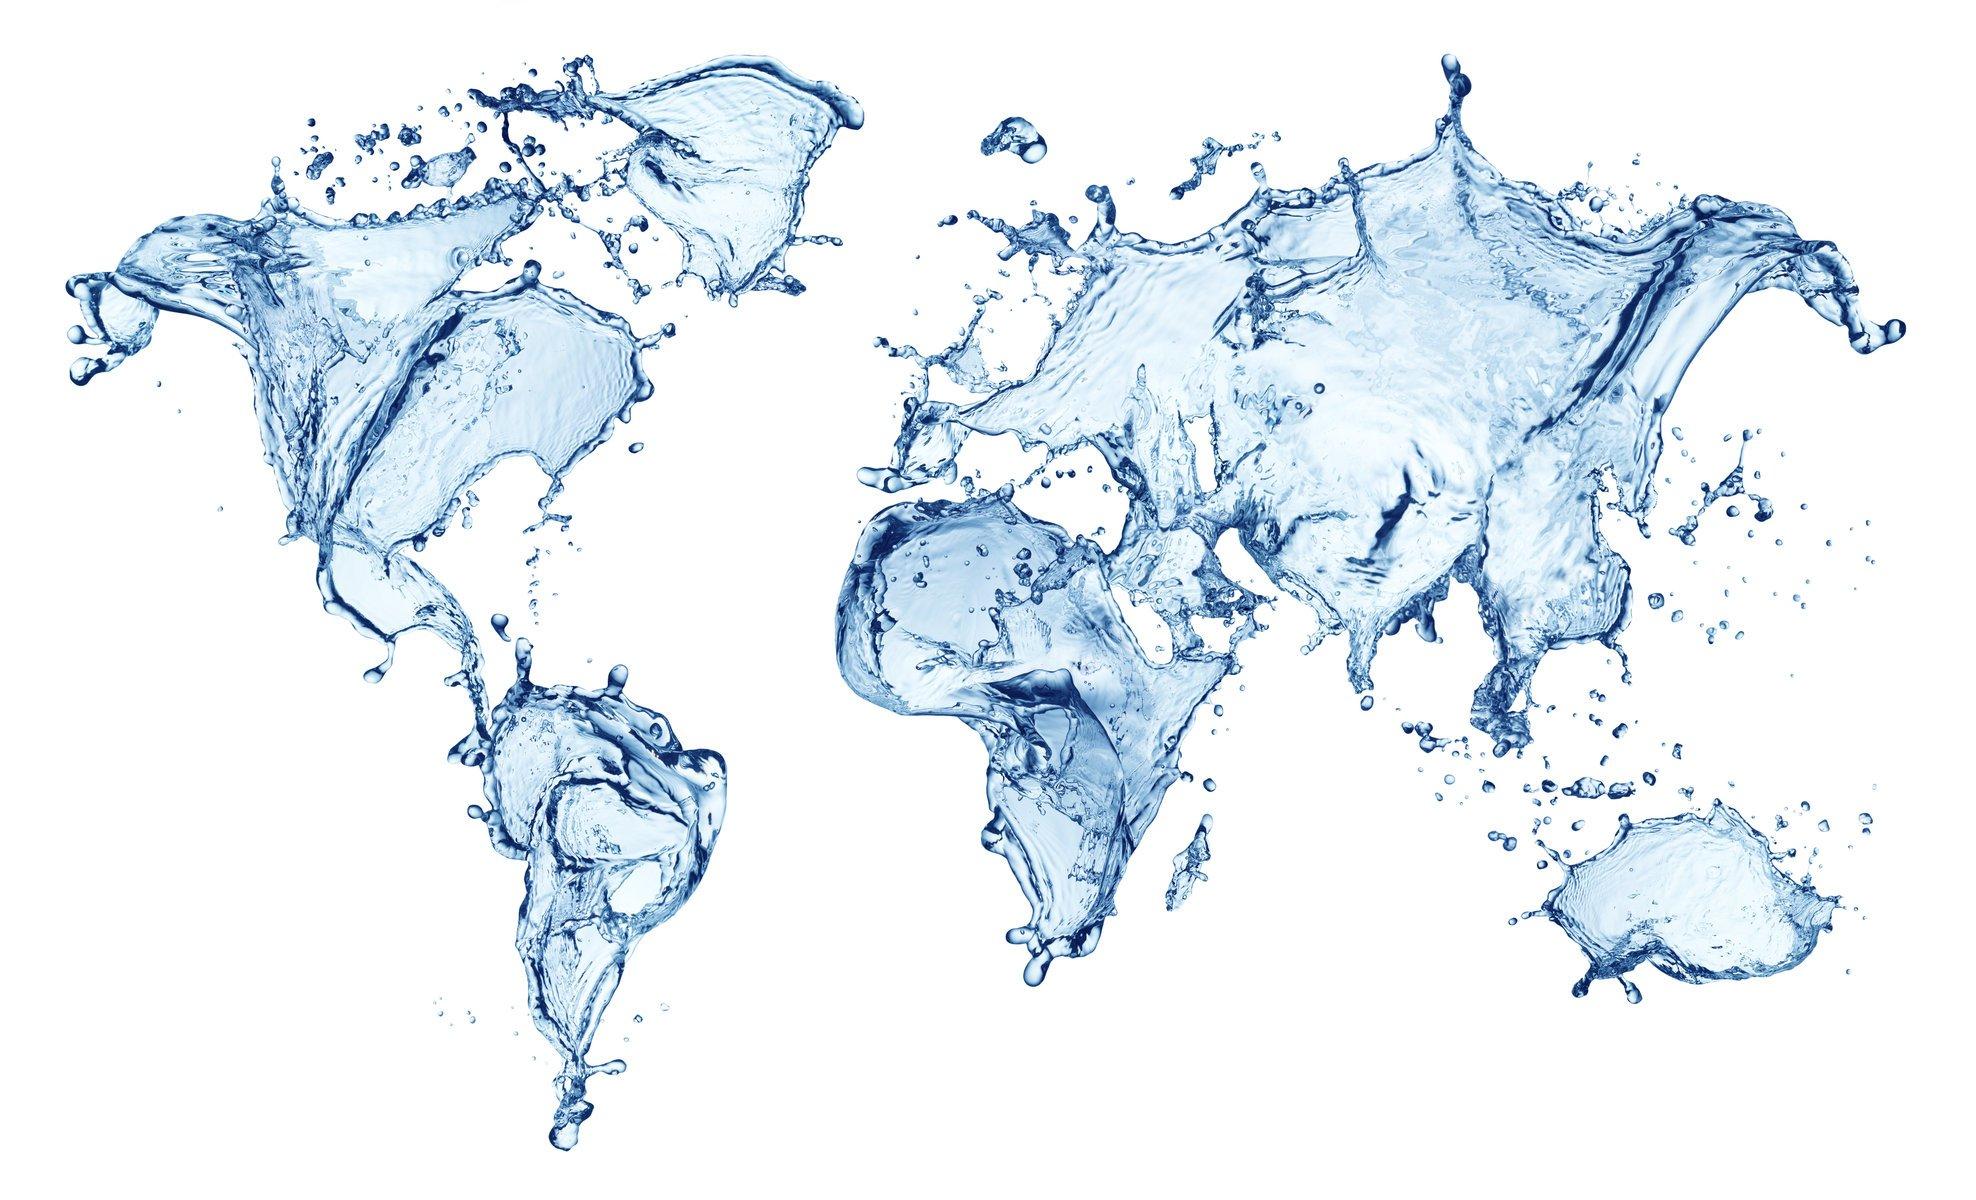 картинки водные ресурсы на прозрачном фоне курорты, великолепный